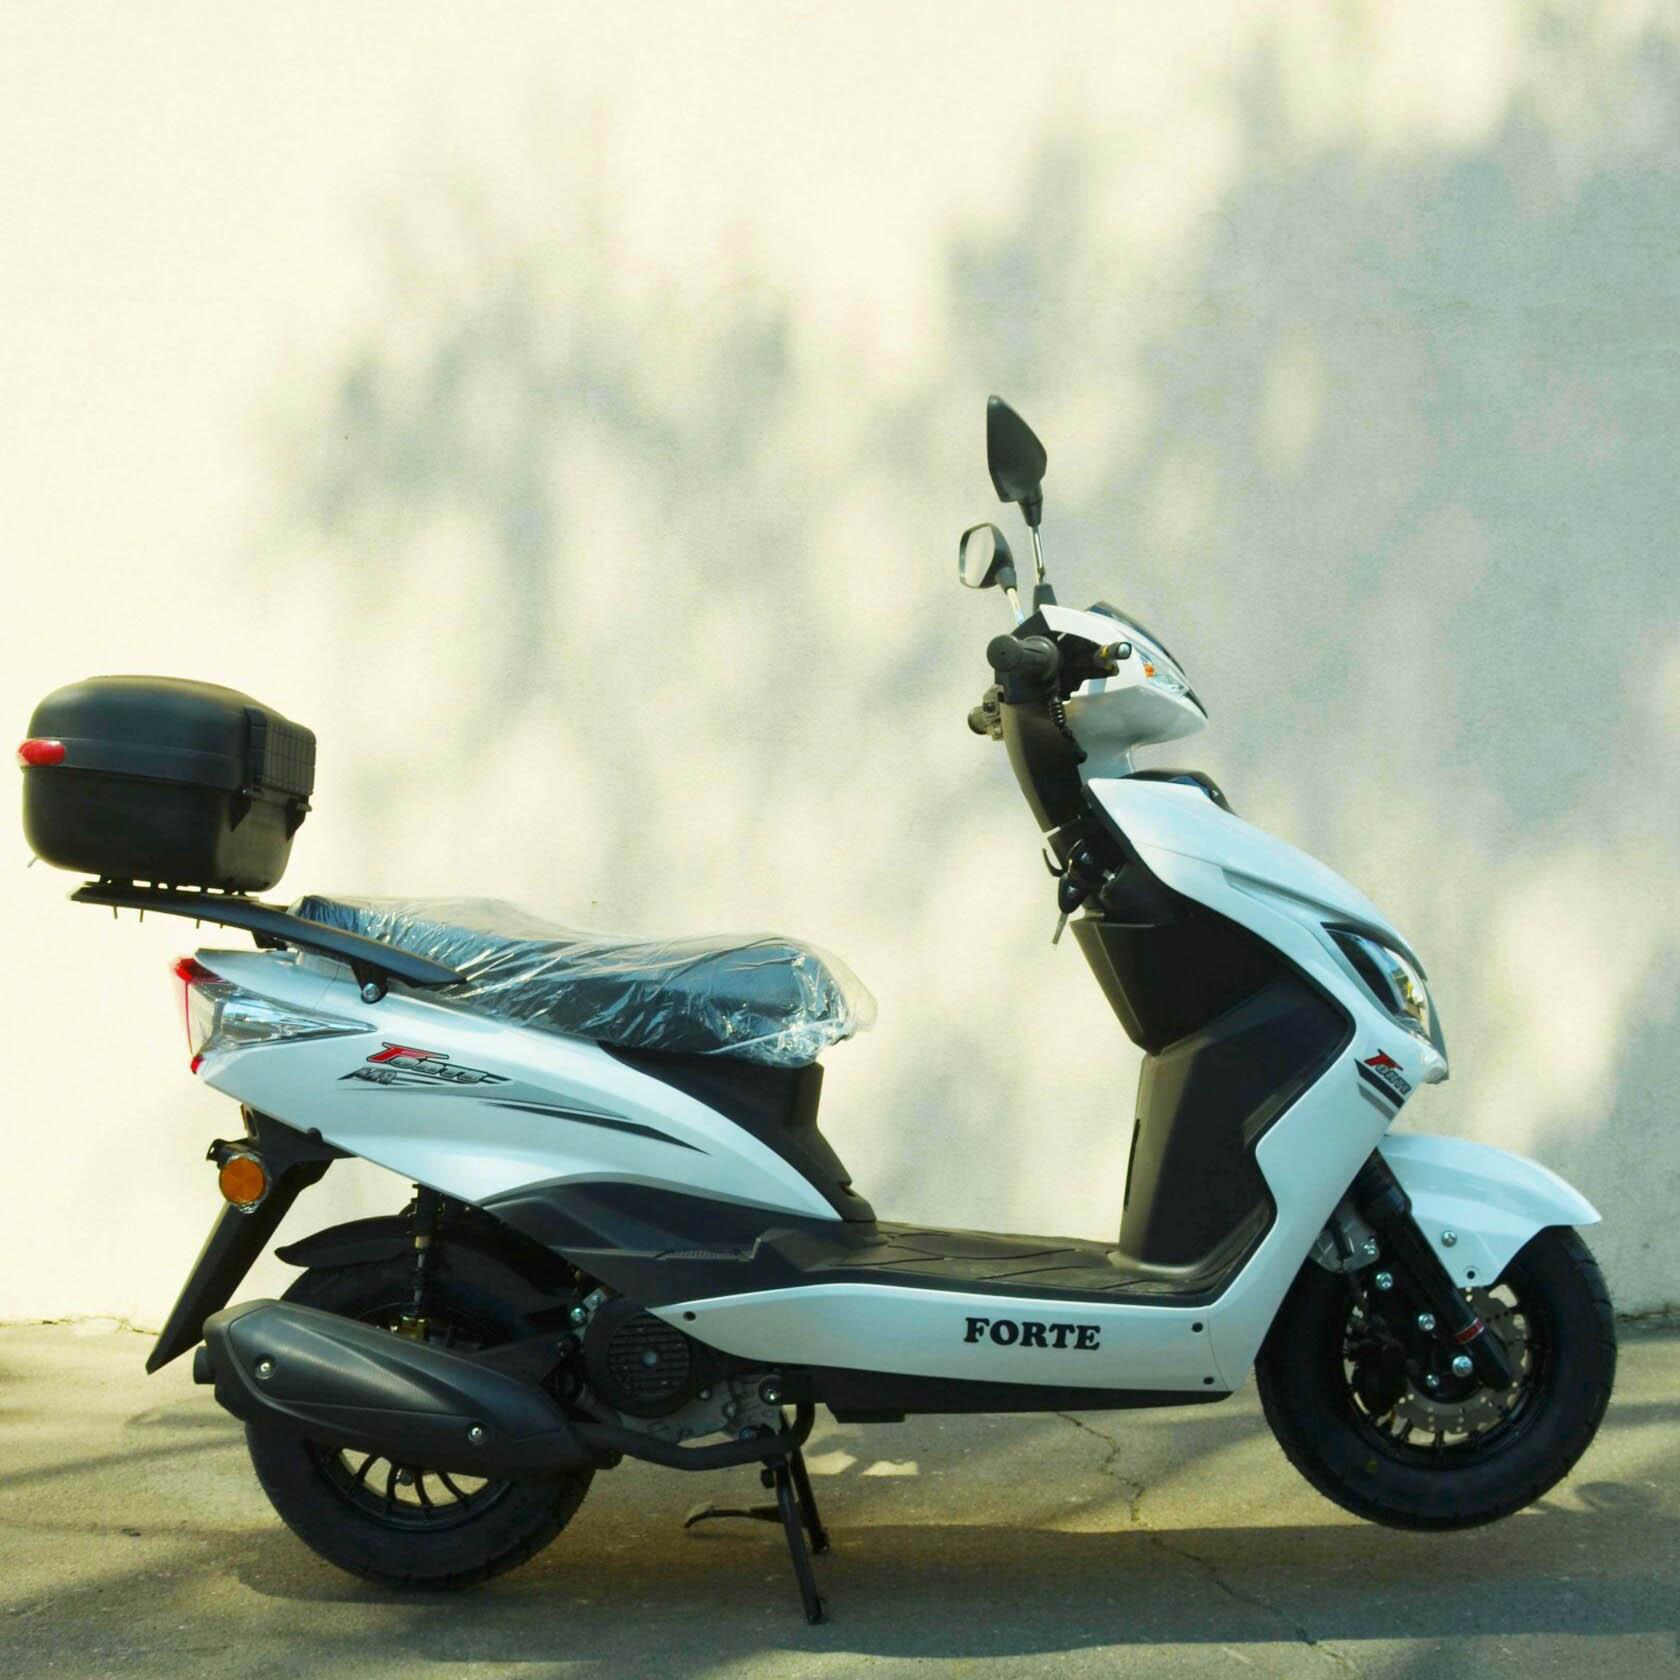 Скутер Forte M8 цвет белый вид справа купить по низкой цене